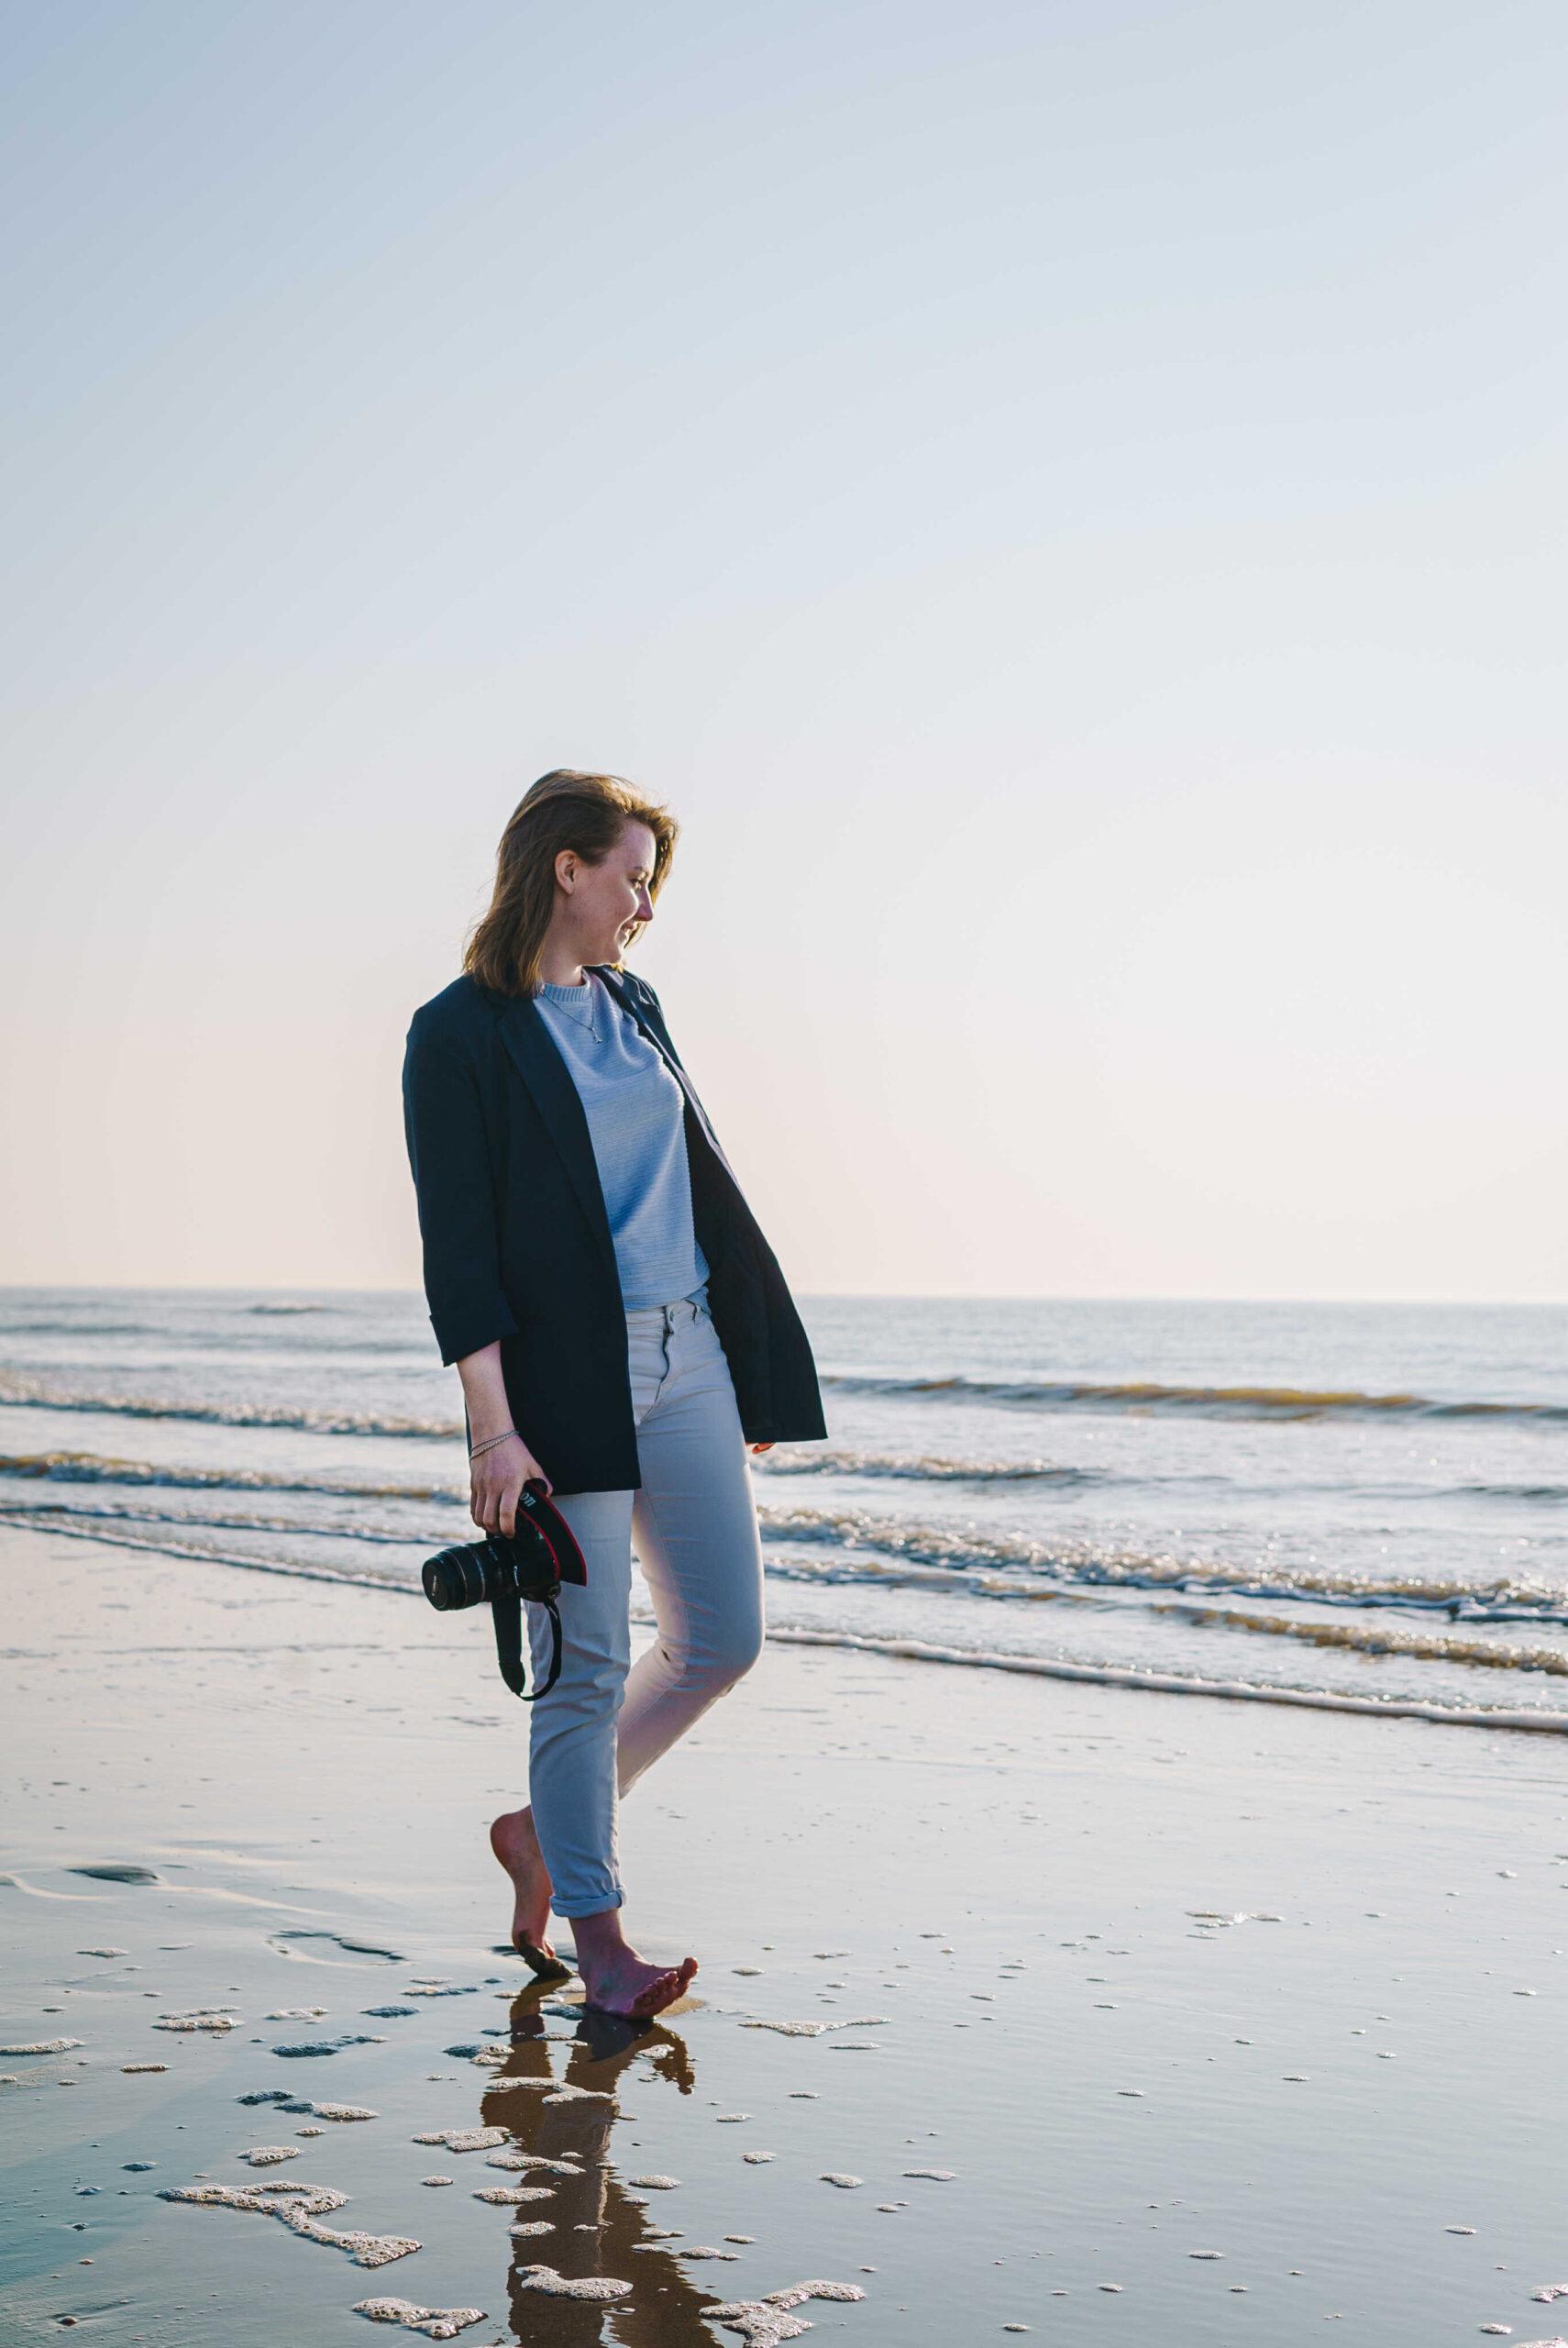 Foto van mezelf met camera op het strand van Zandvoort